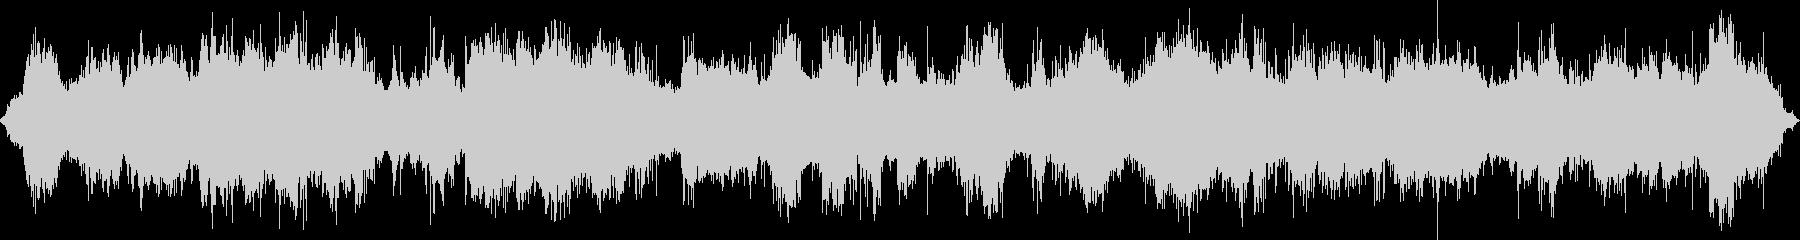 トランシーバーのノイズの未再生の波形